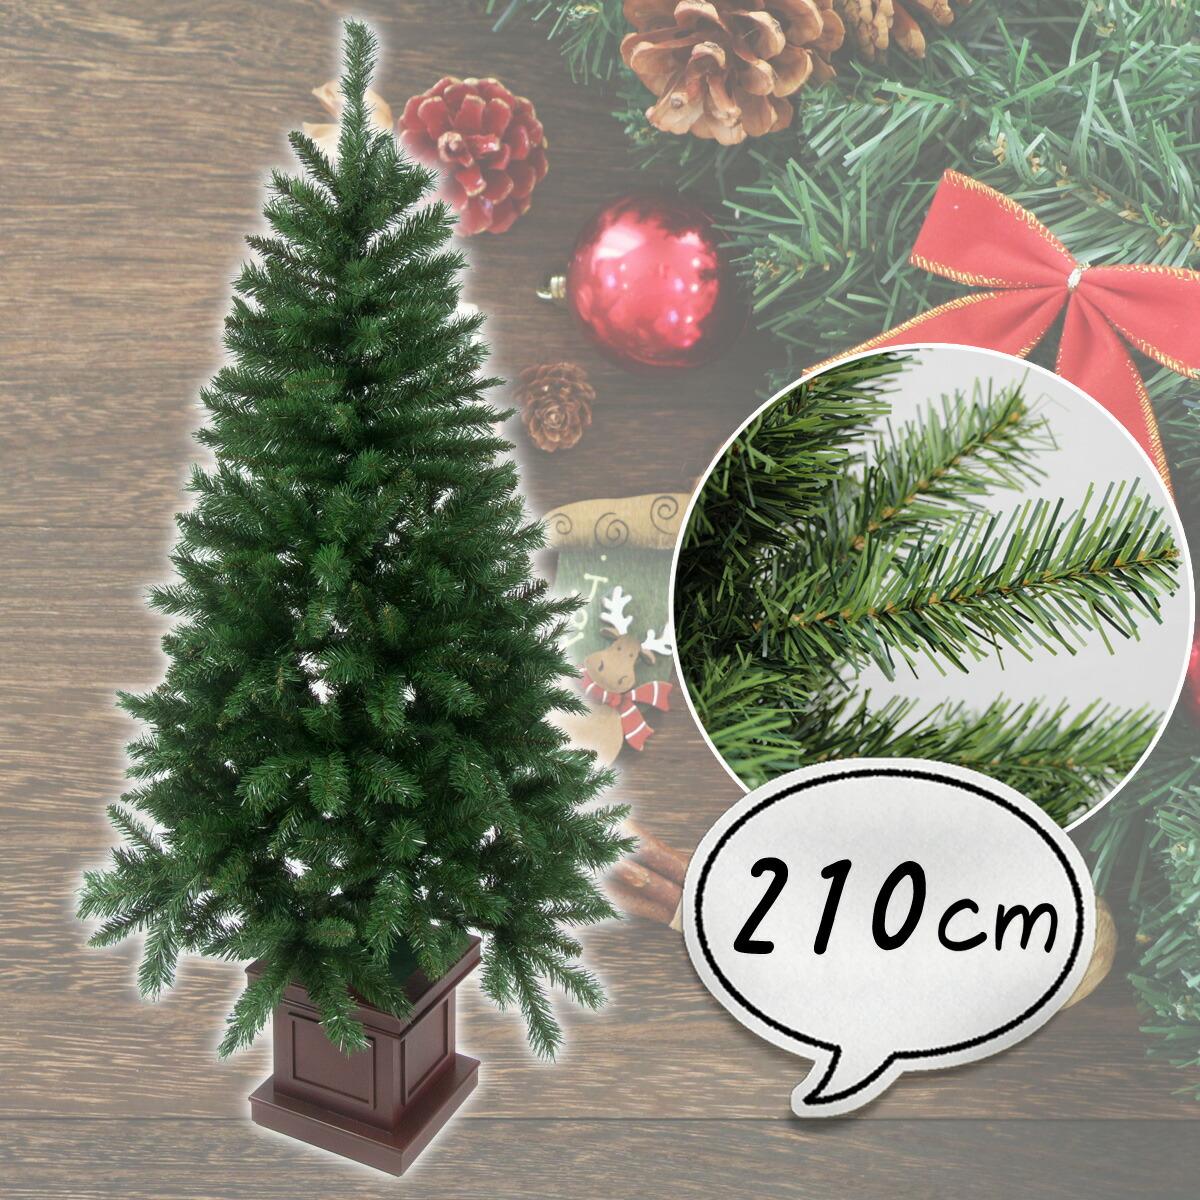 クリスマスツリー 210cm 木製 ポットツリー グリーン ツリーの木 木製ポット 北欧 おしゃれ ポットツリー ウッドベース